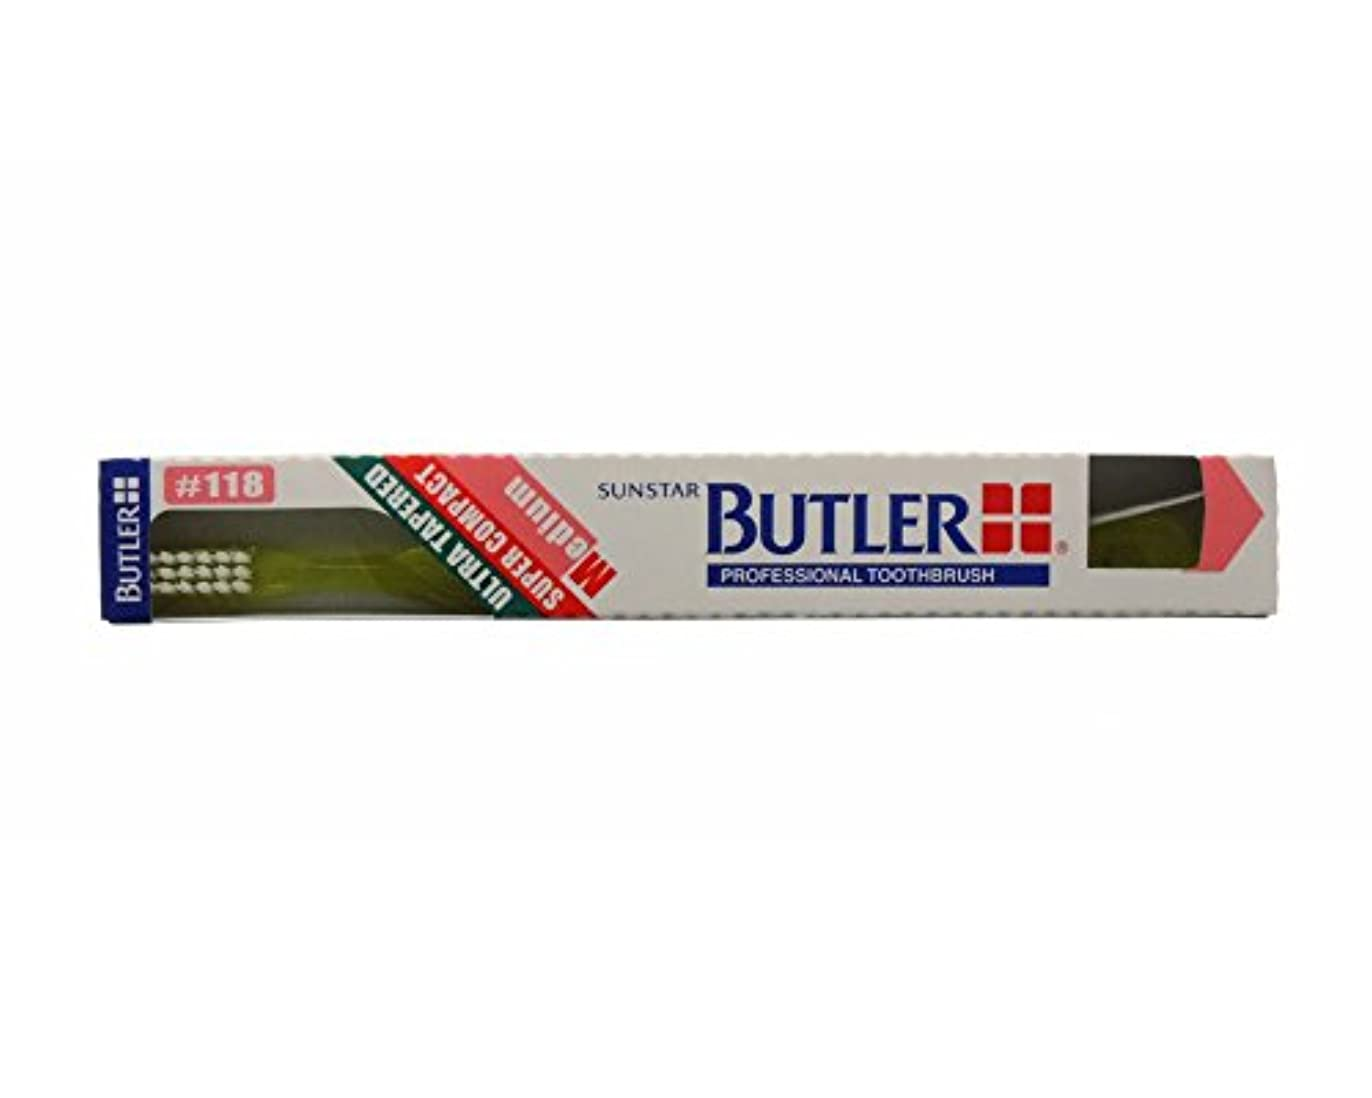 バトラー 歯ブラシ 1本 #118 イエロー